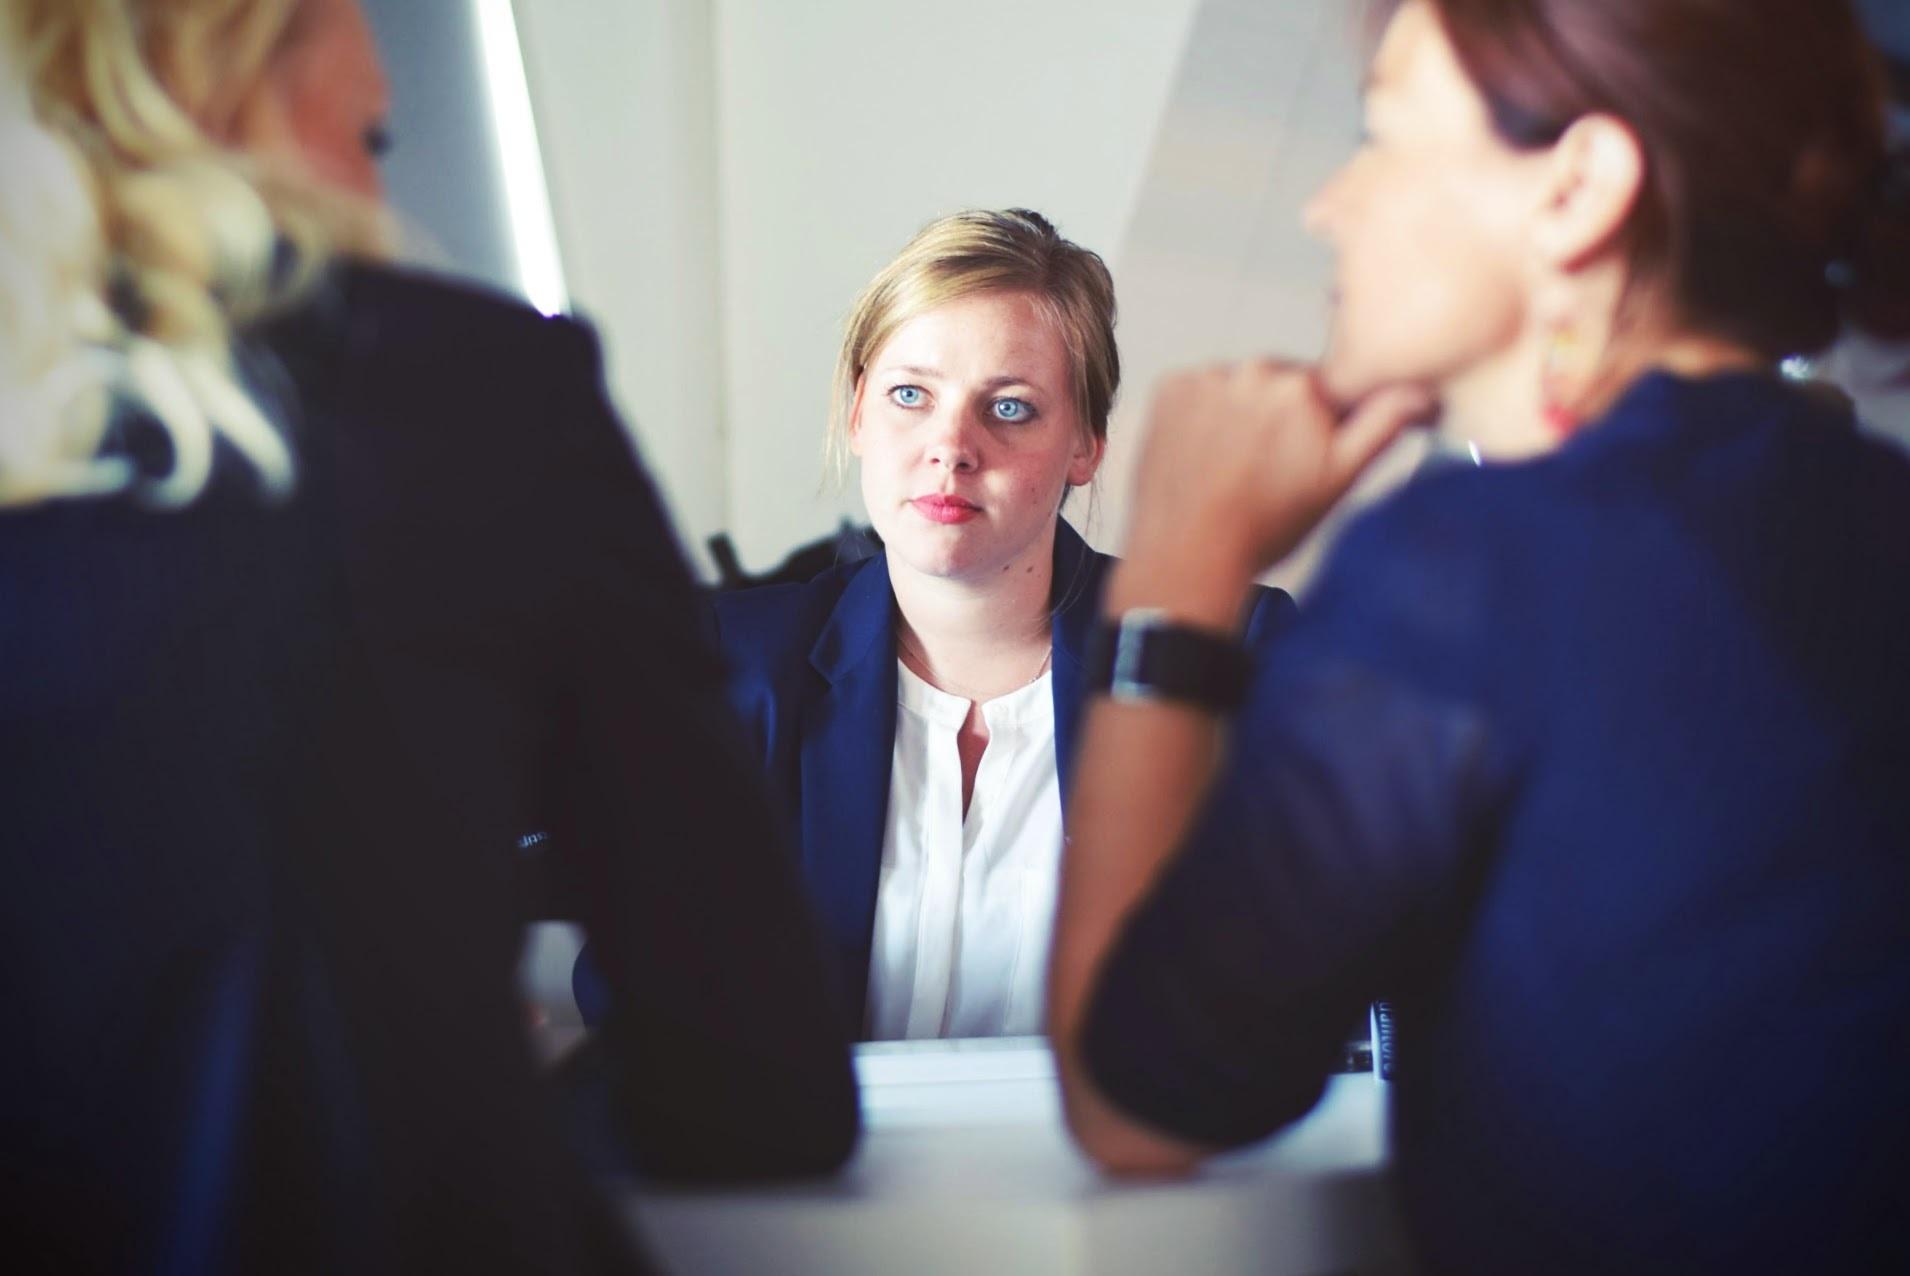 narzisstisch gestörte Beziehungen im Team vermeiden